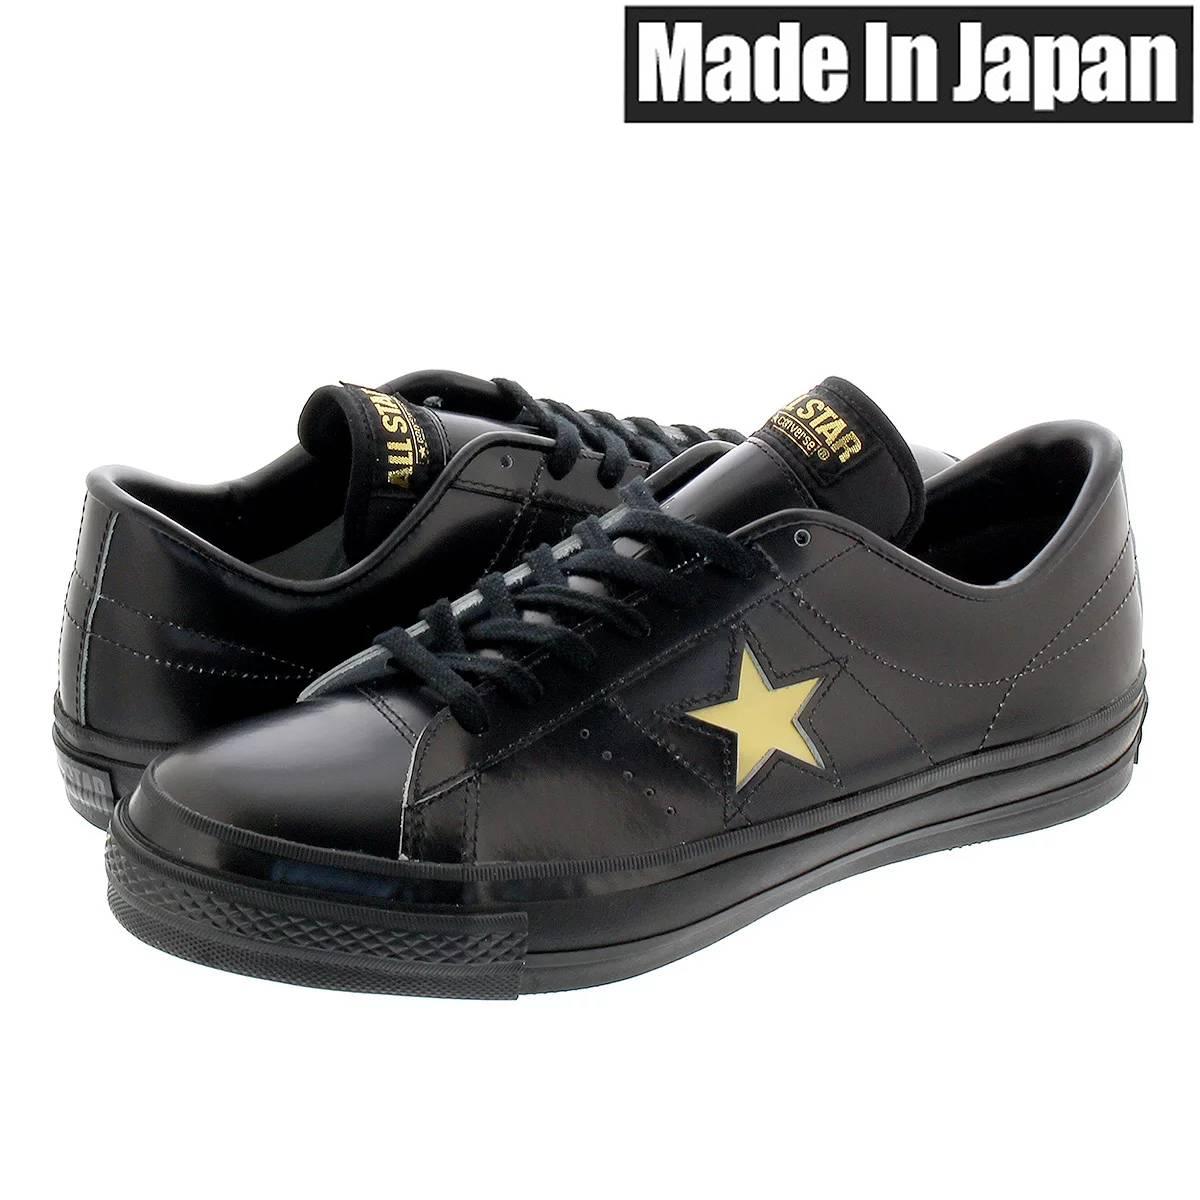 【毎日がお得!値下げプライス】 CONVERSE ONE STAR J 【日本製】 コンバース ワンスター J BLACK/GOLD 35200060